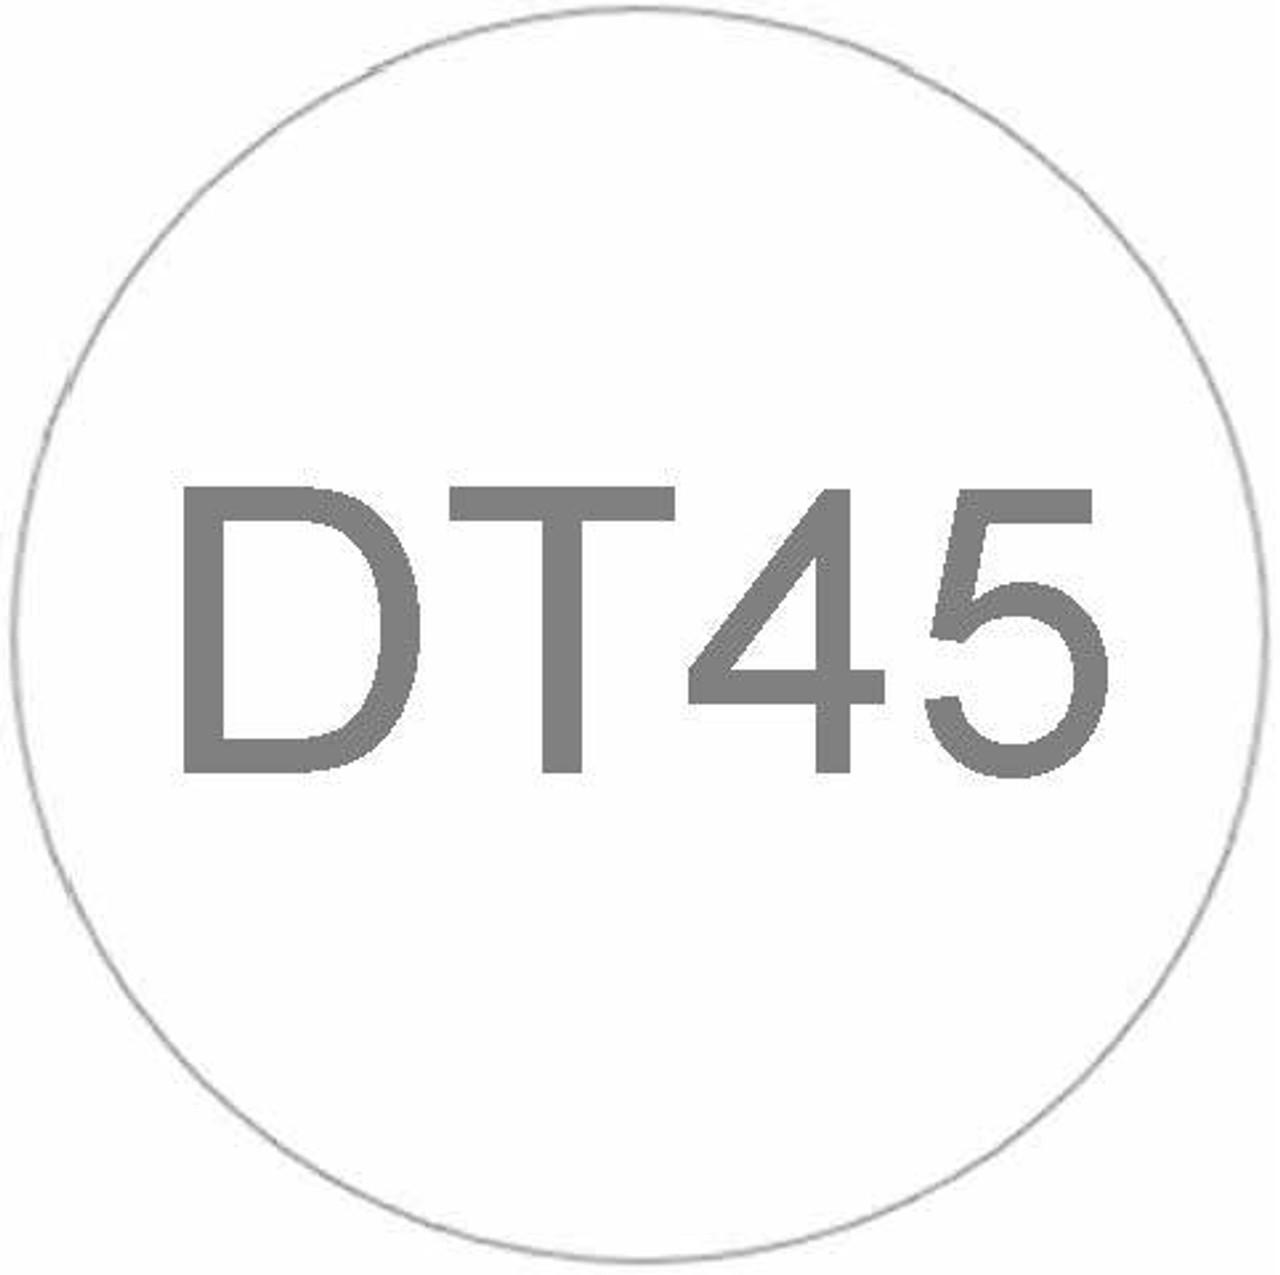 DT45 Soil Sampling System